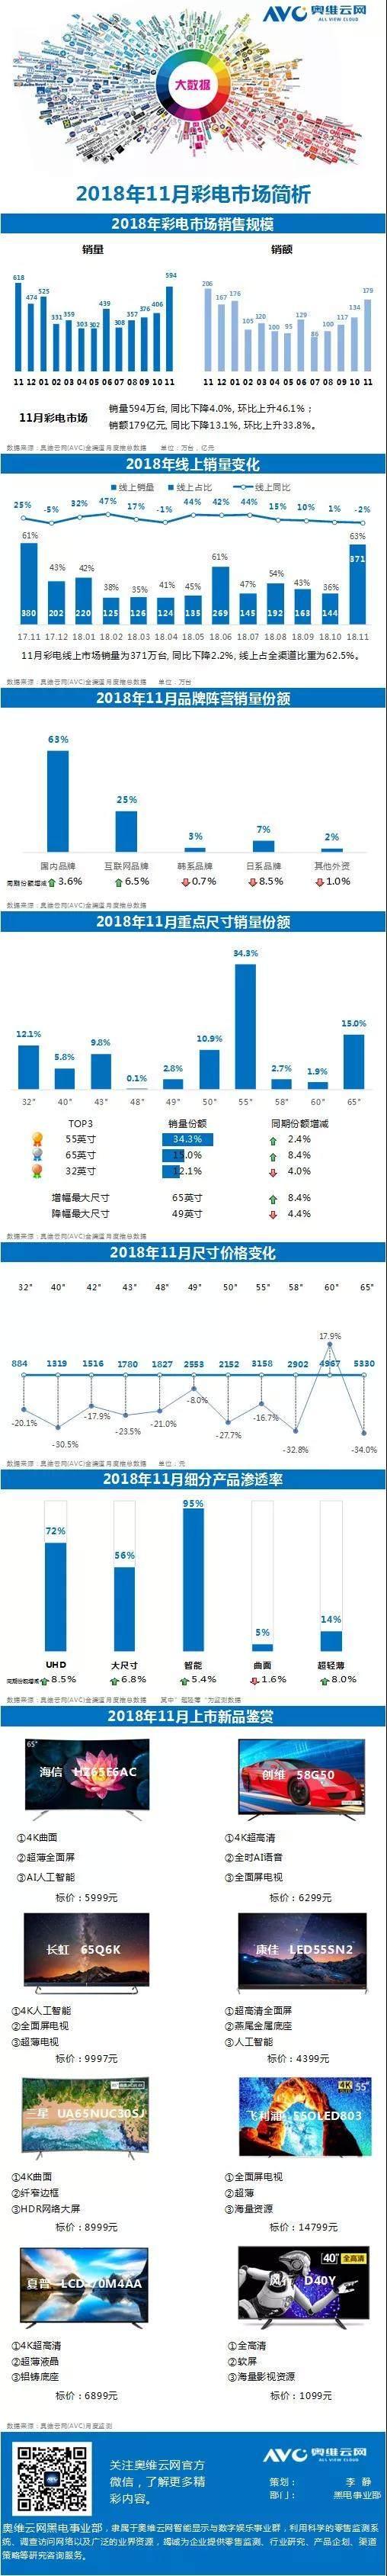 18年11月彩电市场报告:55寸电视最受欢迎